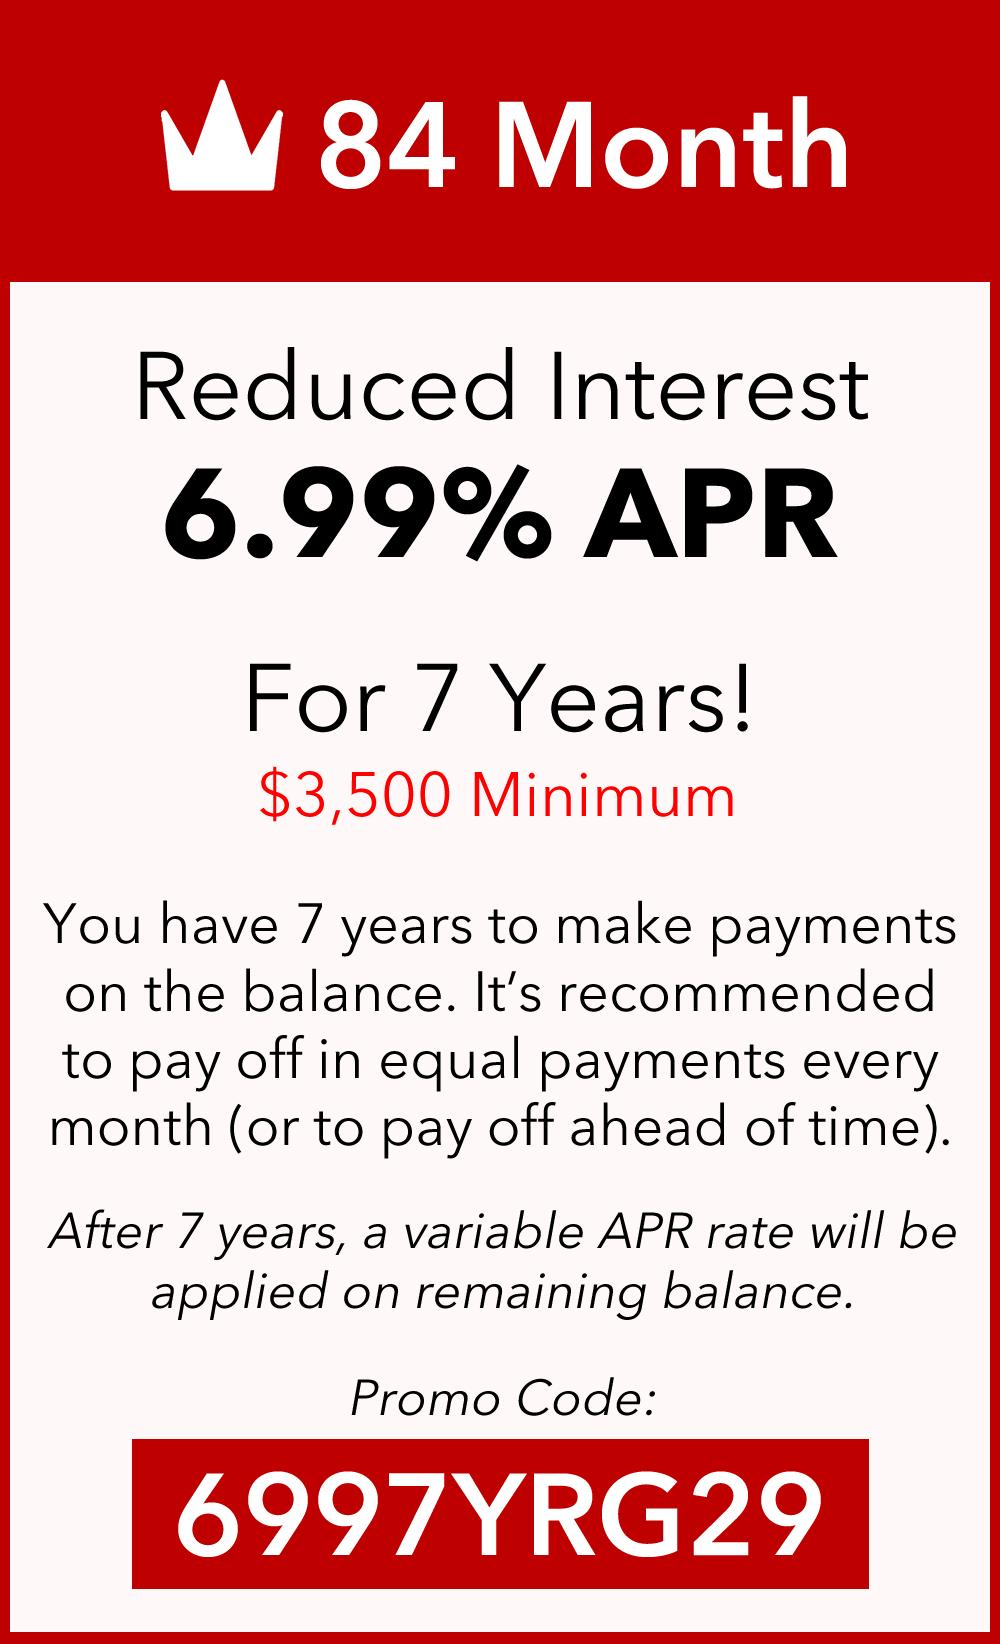 7 Year 6.99% APR